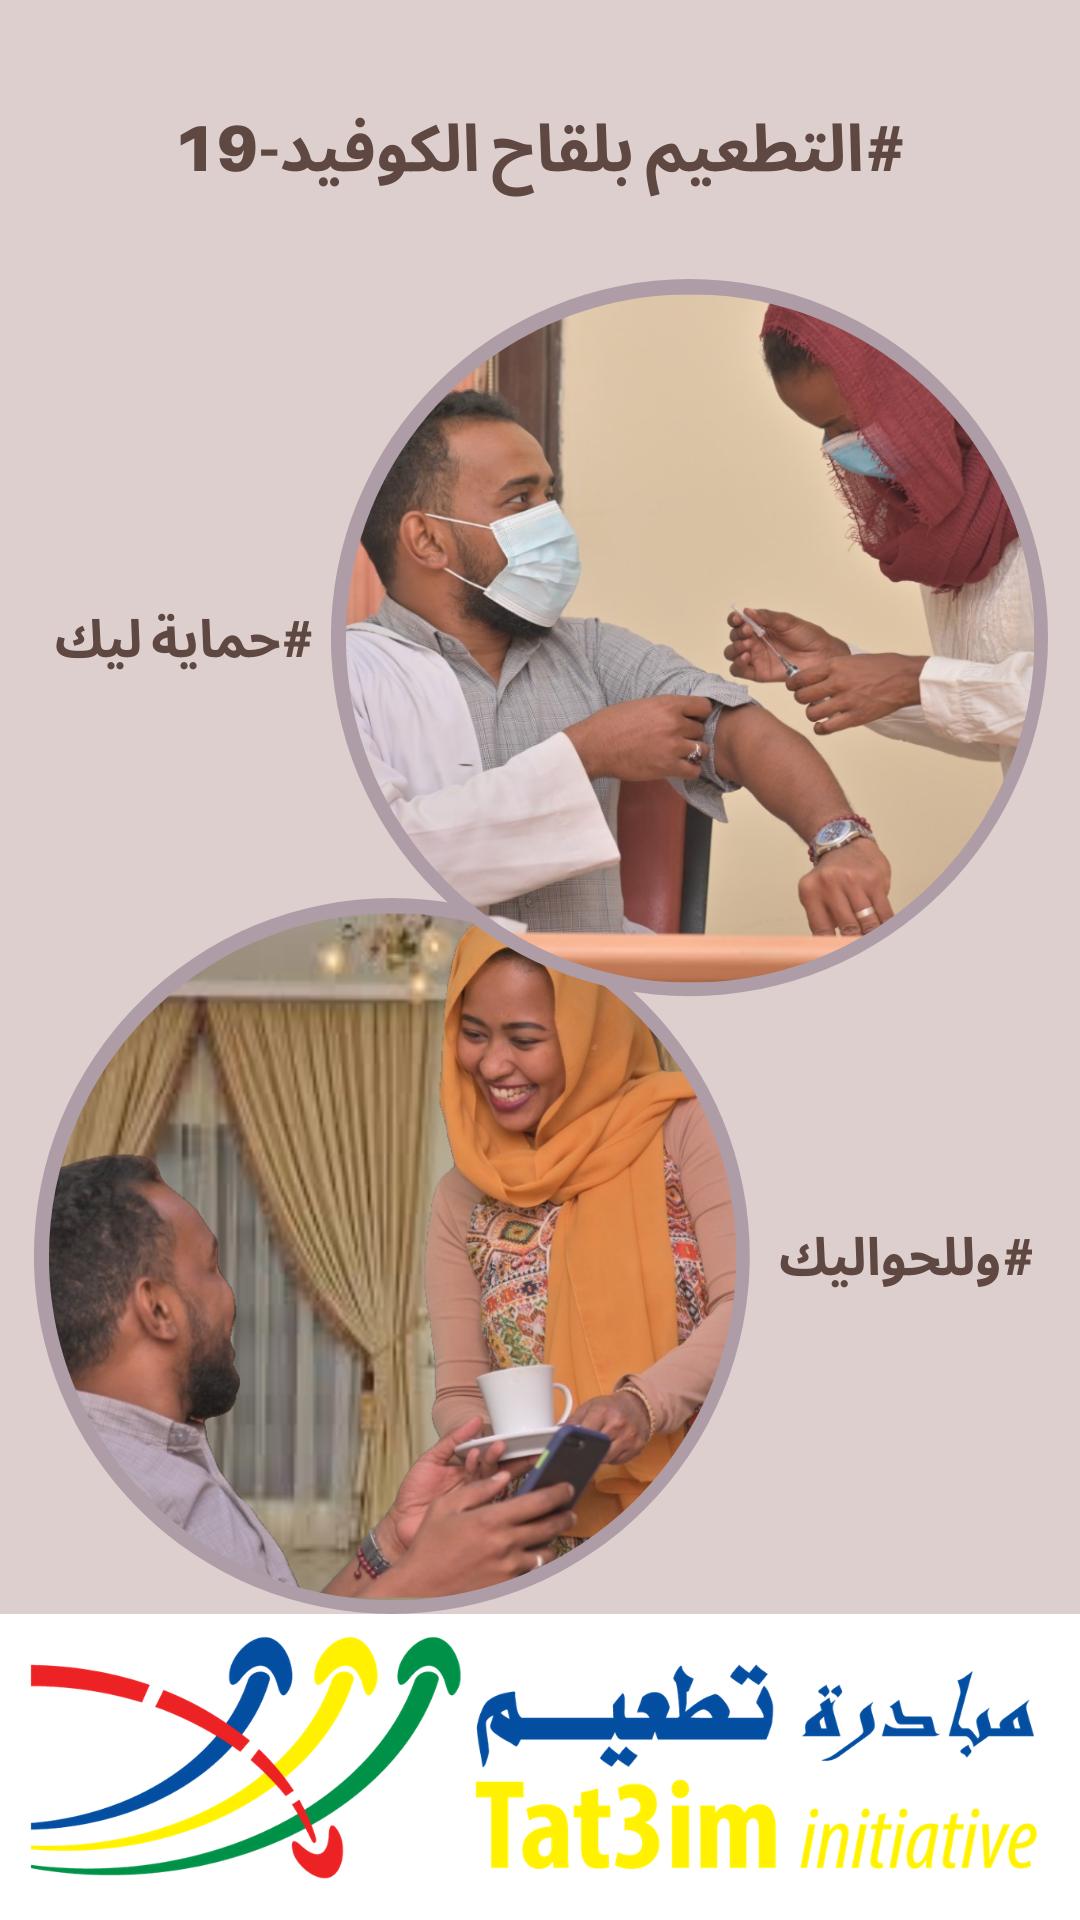 حماية ليك وللحواليك_شعار تطعيم